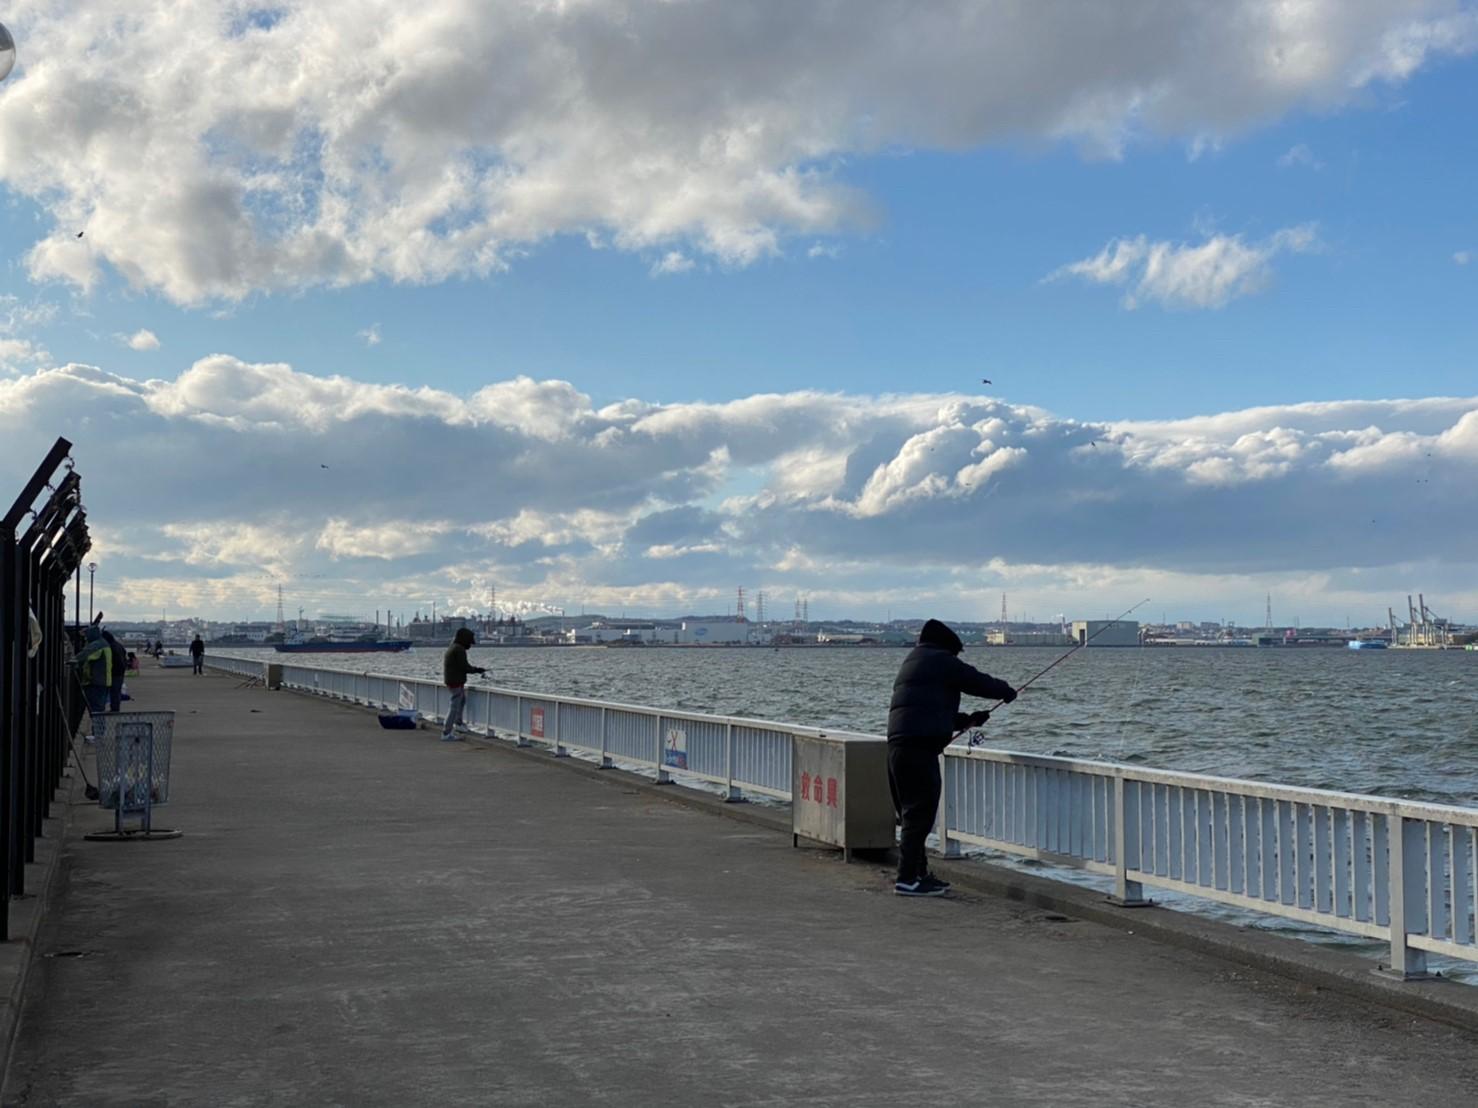 『碧南海釣り広場:へきなんうみづりひろば』の釣り場ガイド(住所・駐車場・釣れるお魚)